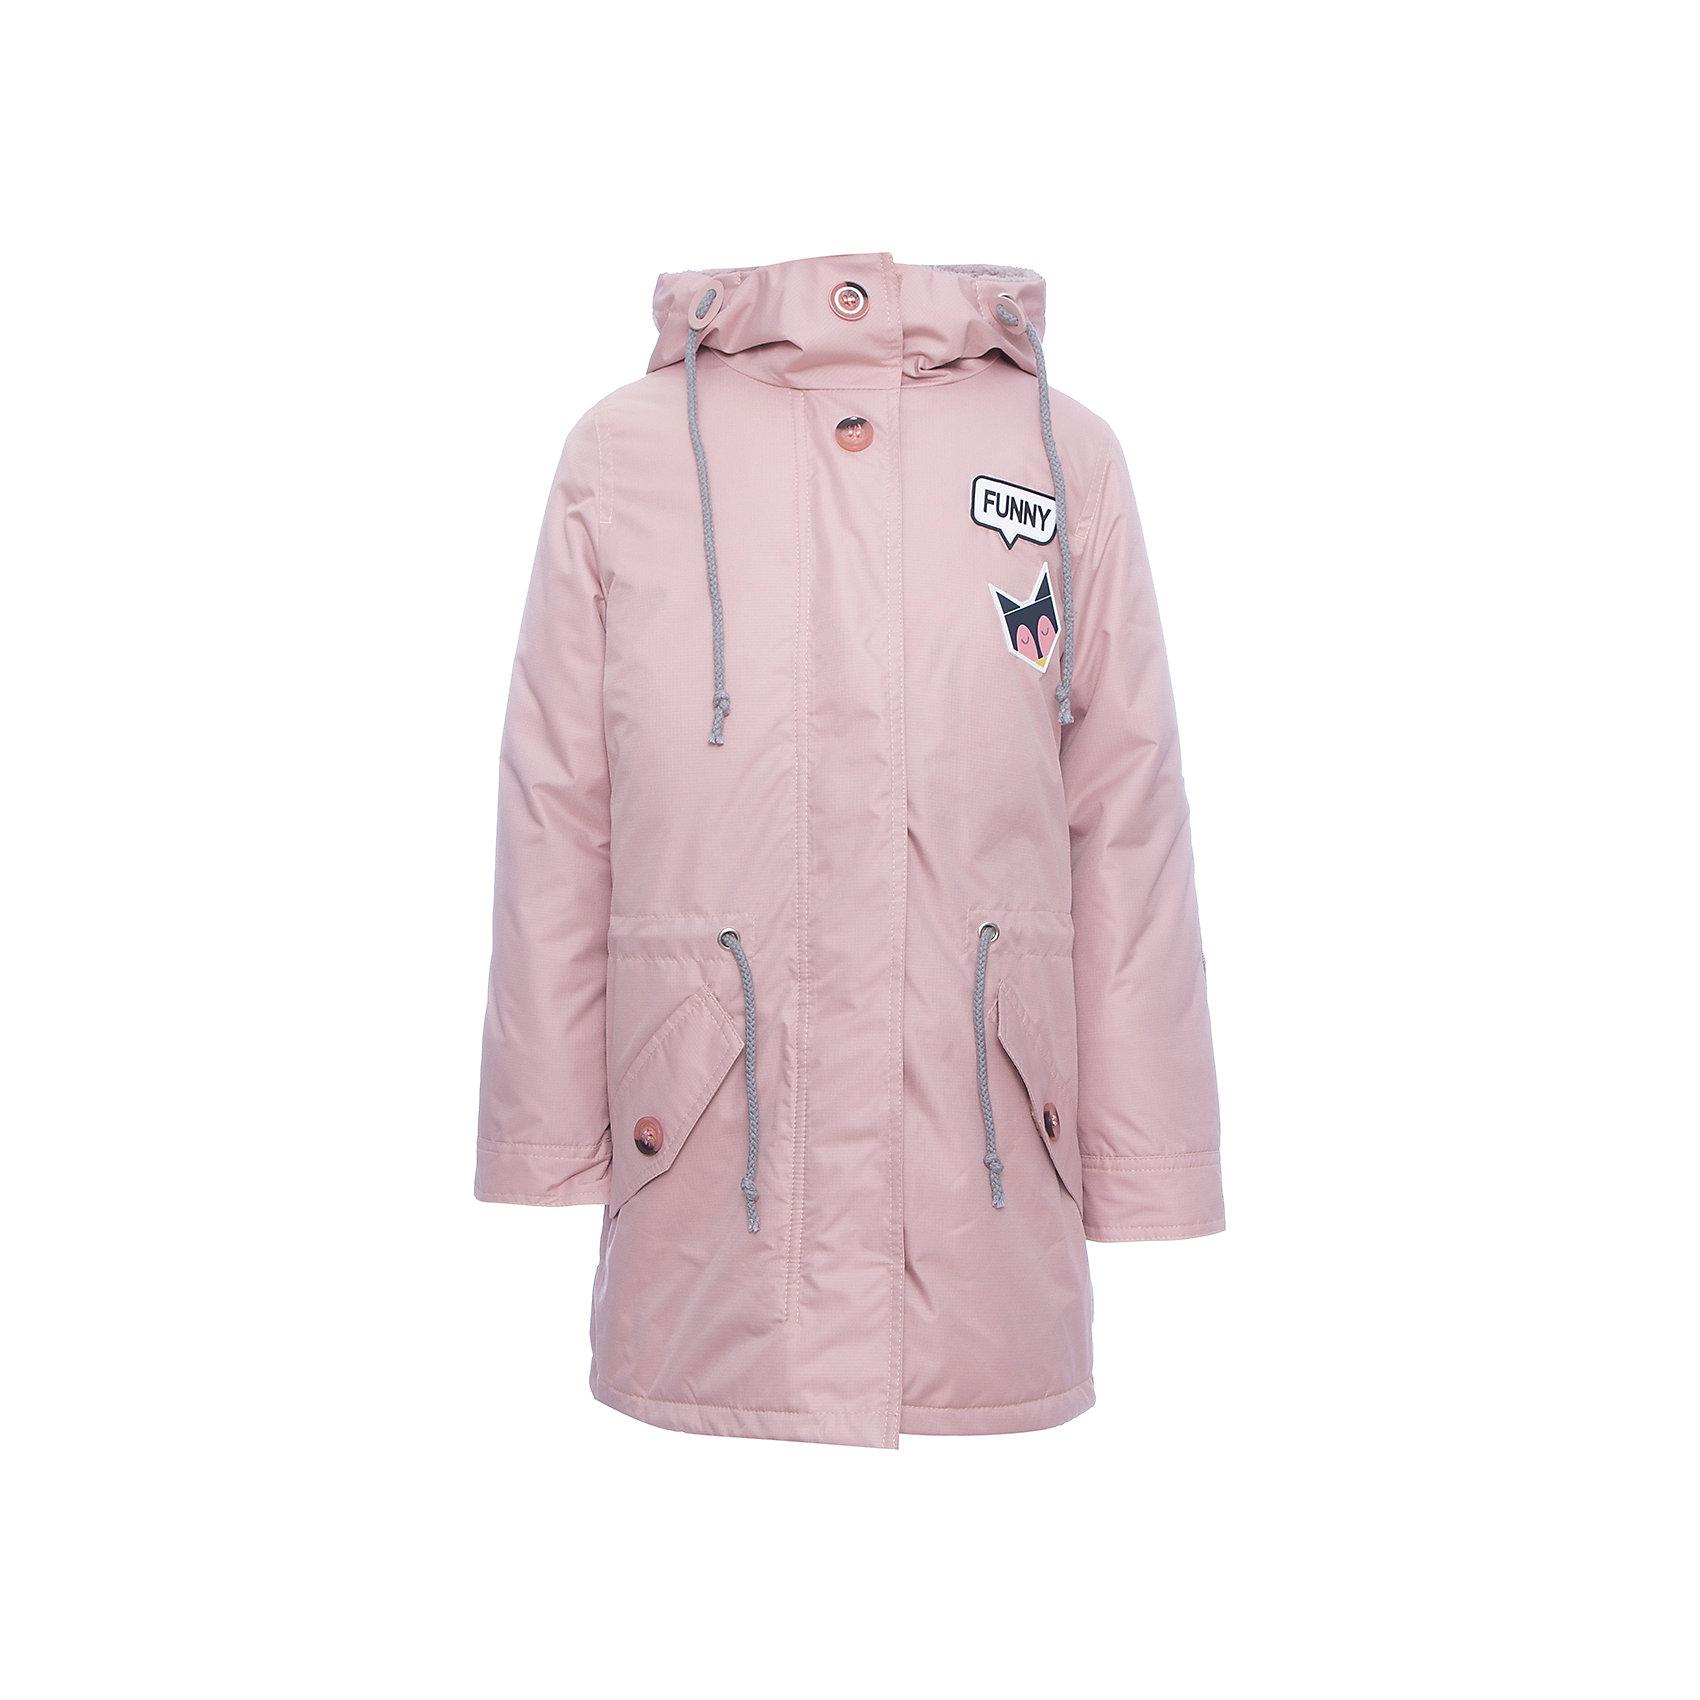 Куртка-парка BOOM by Orby для девочкиВерхняя одежда<br>Характеристики товара:<br><br>• цвет: розовый<br>• ткань верха: Таффета peach pu<br>• отделка: Костюмная ткань принт<br>• подкладка: ПЭ пуходержащий<br>• утеплитель: Flexy Fiber 100 г/м2<br>• сезон: демисезон<br>• температурный режим: от +5° до +15°С<br>• особенности: на молнии, планка от ветра<br>• тип куртки: парка<br>• капюшон: без меха, несъемный<br>• страна бренда: Россия<br>• страна изготовитель: Россия<br><br>Демисезонная парка - одна из самых модных моделей наступающего сезона. Благодаря красивому цвету, капюшону и большим карманам эта куртка стильно смотрится и хорошо сидит по фигуре. <br><br>Куртку-парку BOOM by Orby для девочки можно купить в нашем интернет-магазине.<br><br>Ширина мм: 356<br>Глубина мм: 10<br>Высота мм: 245<br>Вес г: 519<br>Цвет: розовый<br>Возраст от месяцев: 144<br>Возраст до месяцев: 156<br>Пол: Женский<br>Возраст: Детский<br>Размер: 158,104,110,98,116,122,128,134,140,146,152<br>SKU: 7007164